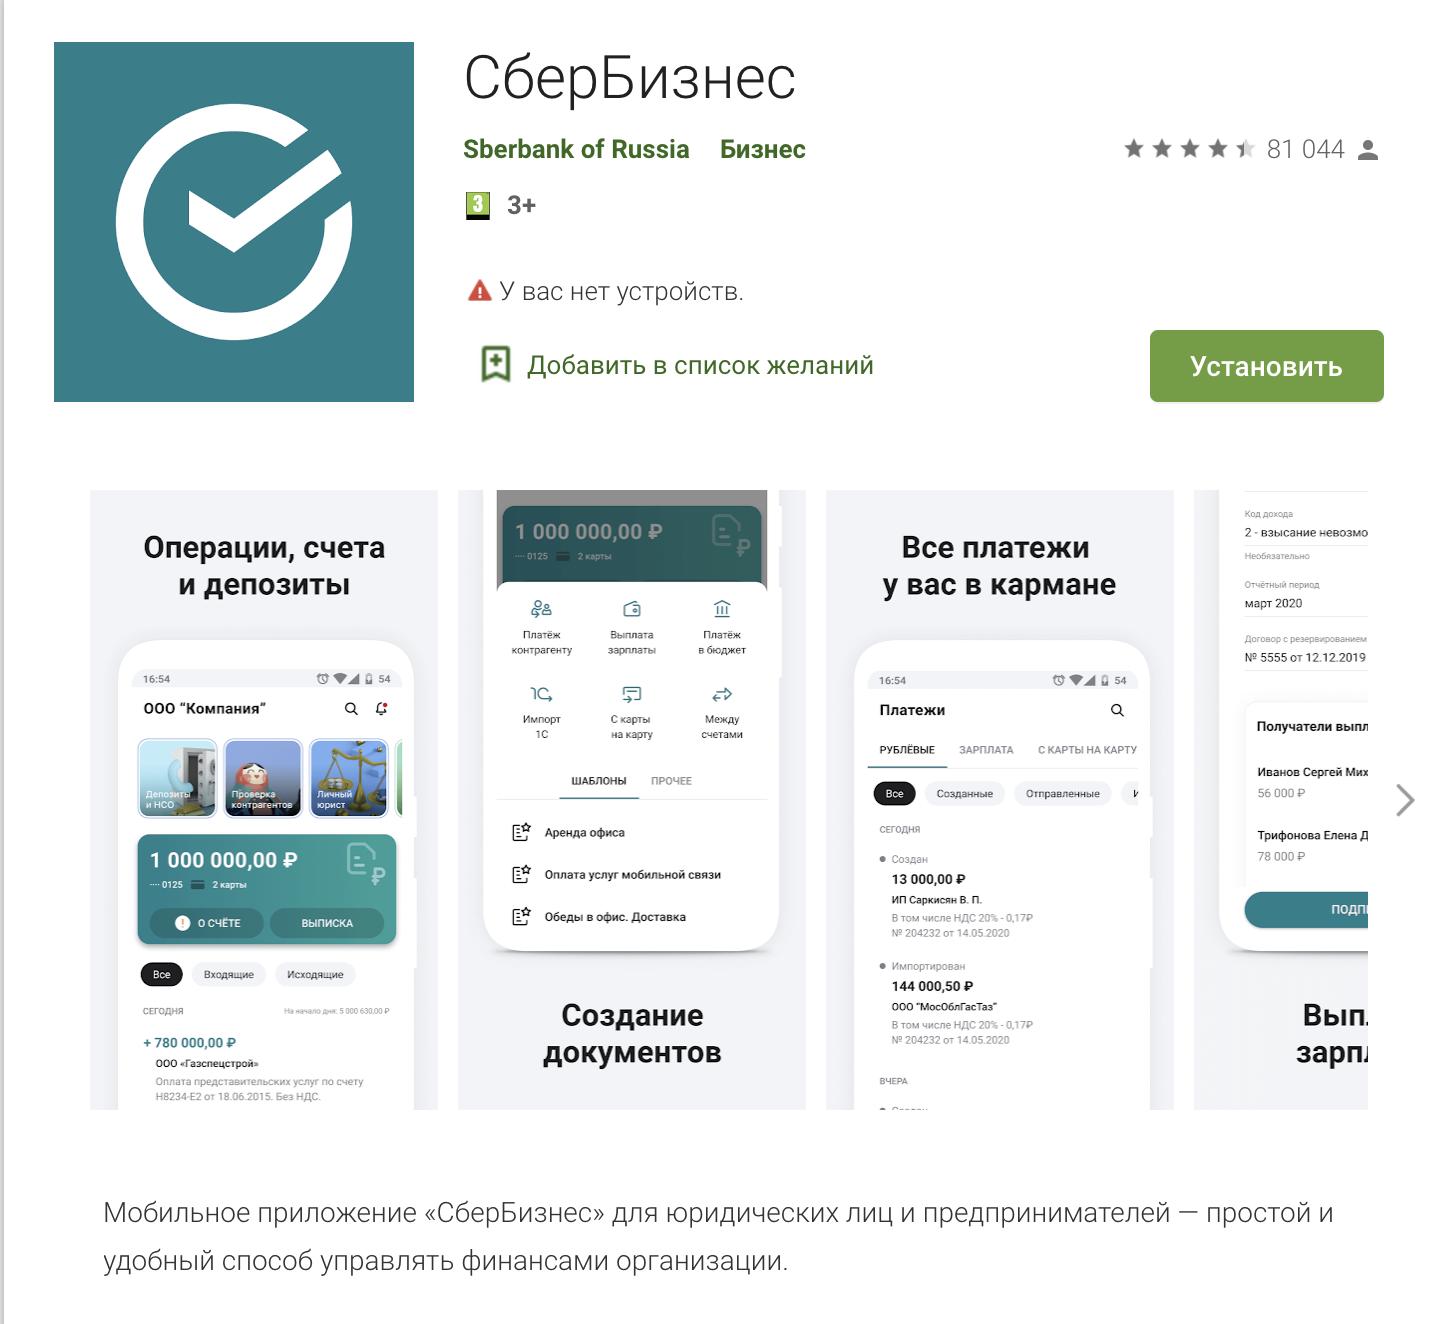 как скачать приложение бизнес онлайн сбербанк